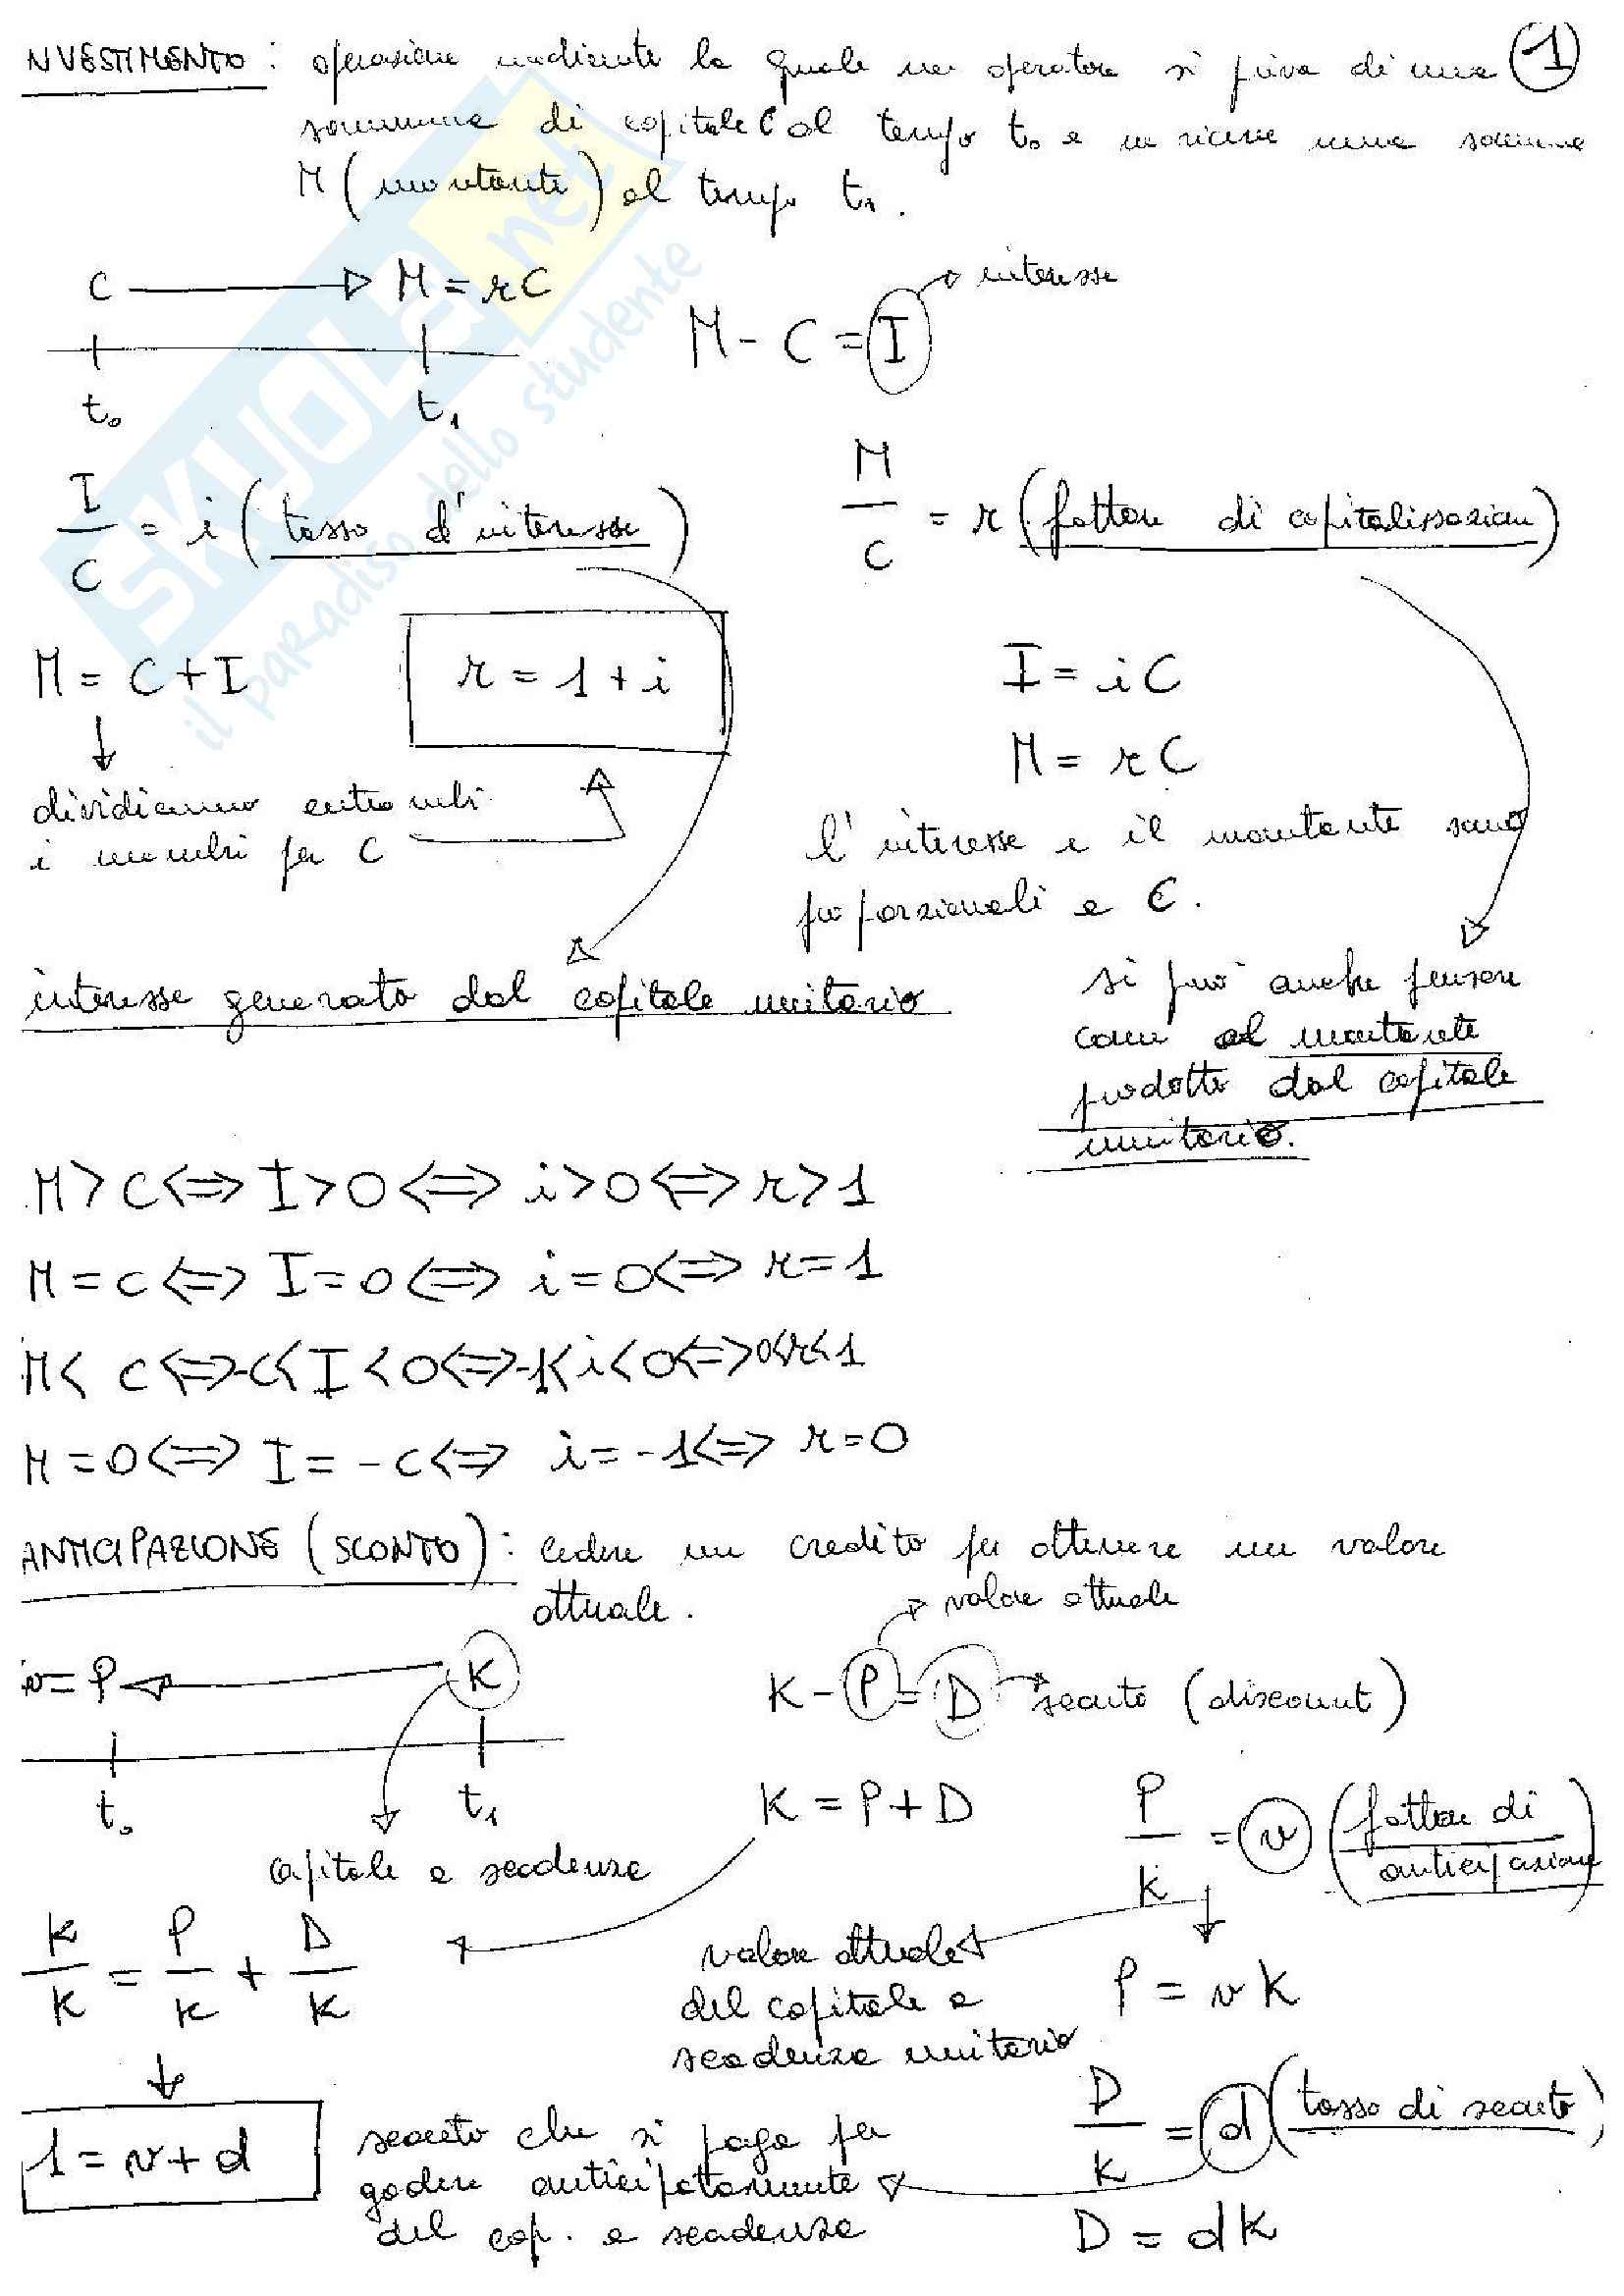 Matematica finanziaria - Parte I